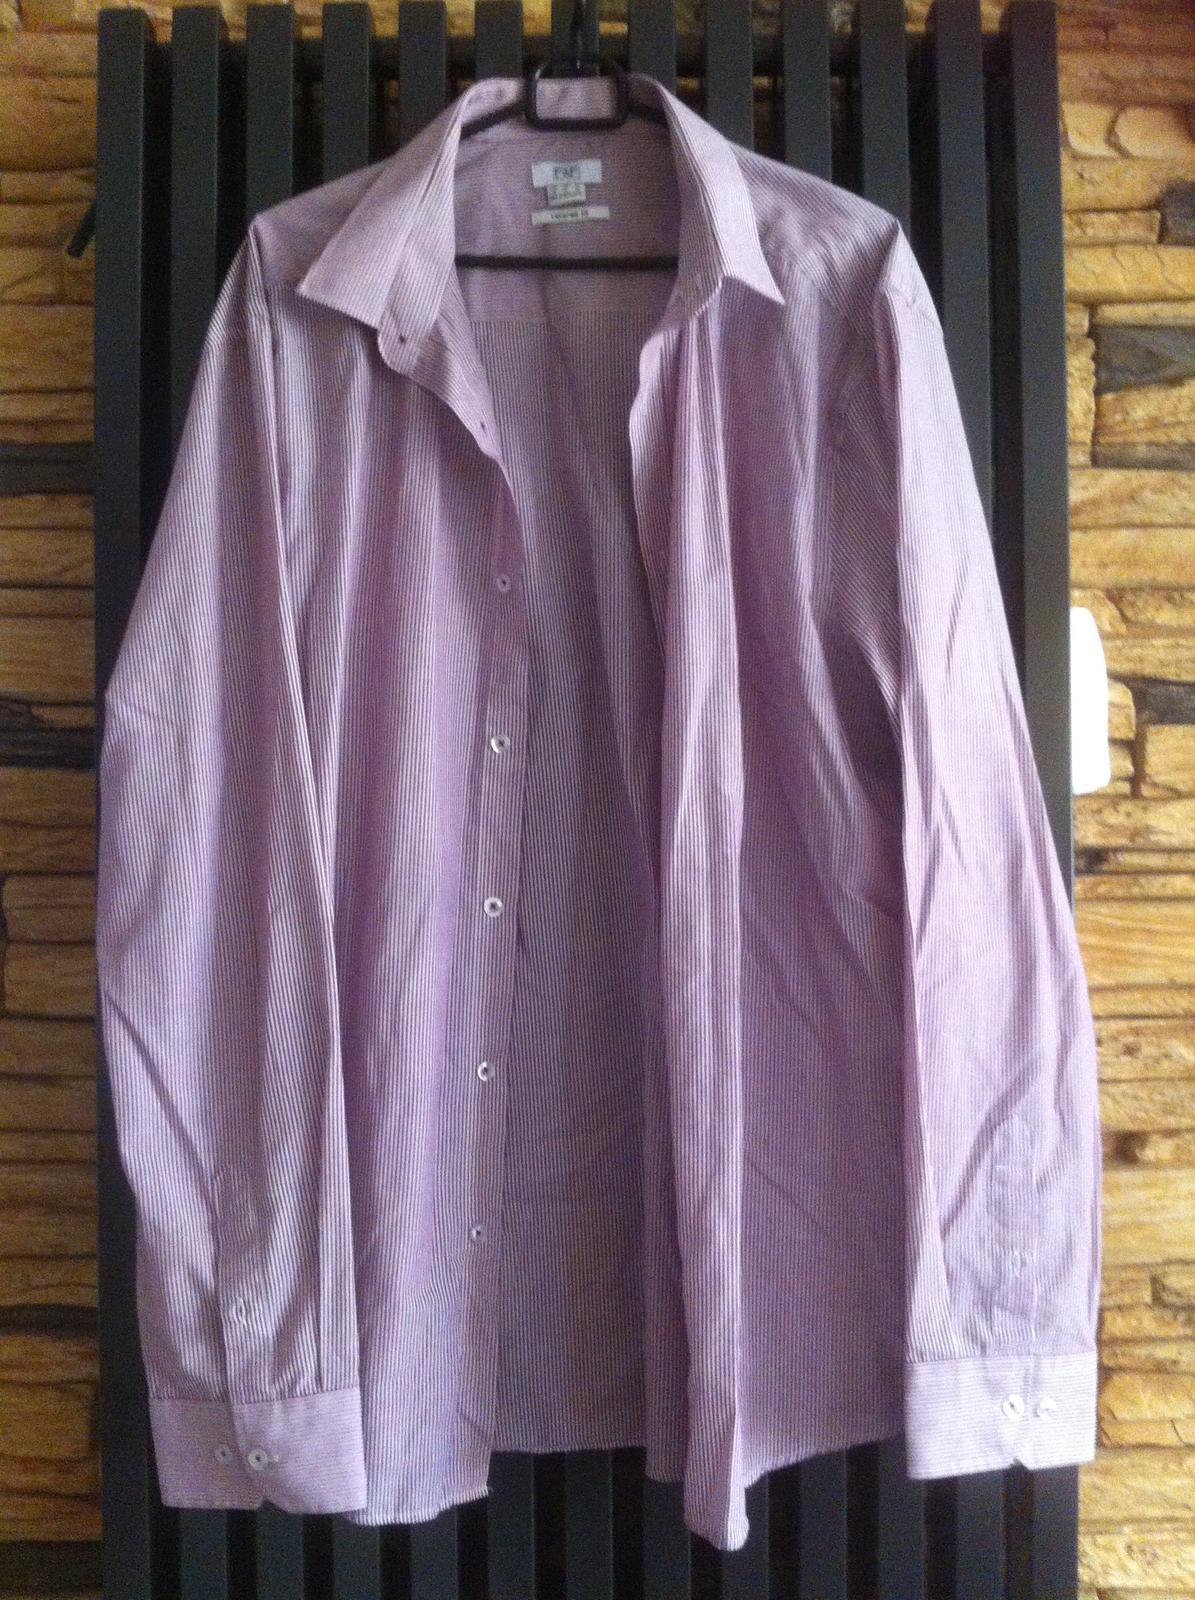 Fialovo-bílá proužkovaná košile značky F&F - Obrázek č. 1